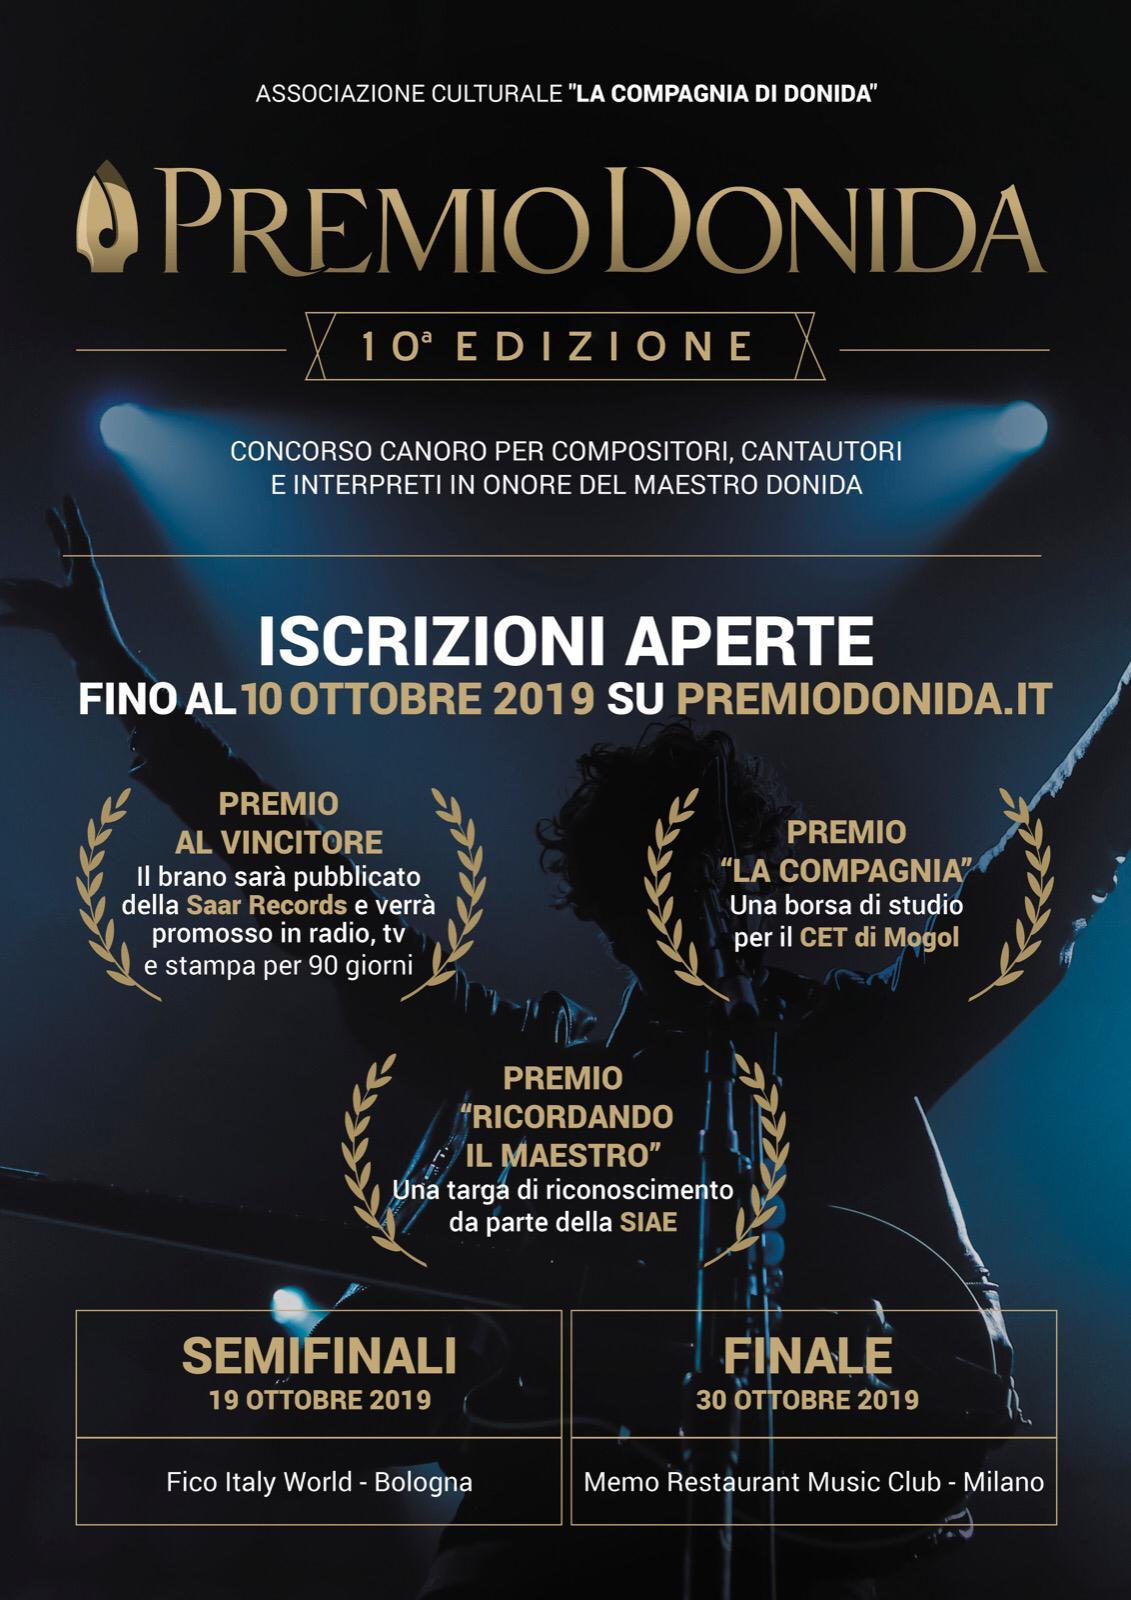 10a Edizione Premio Donida